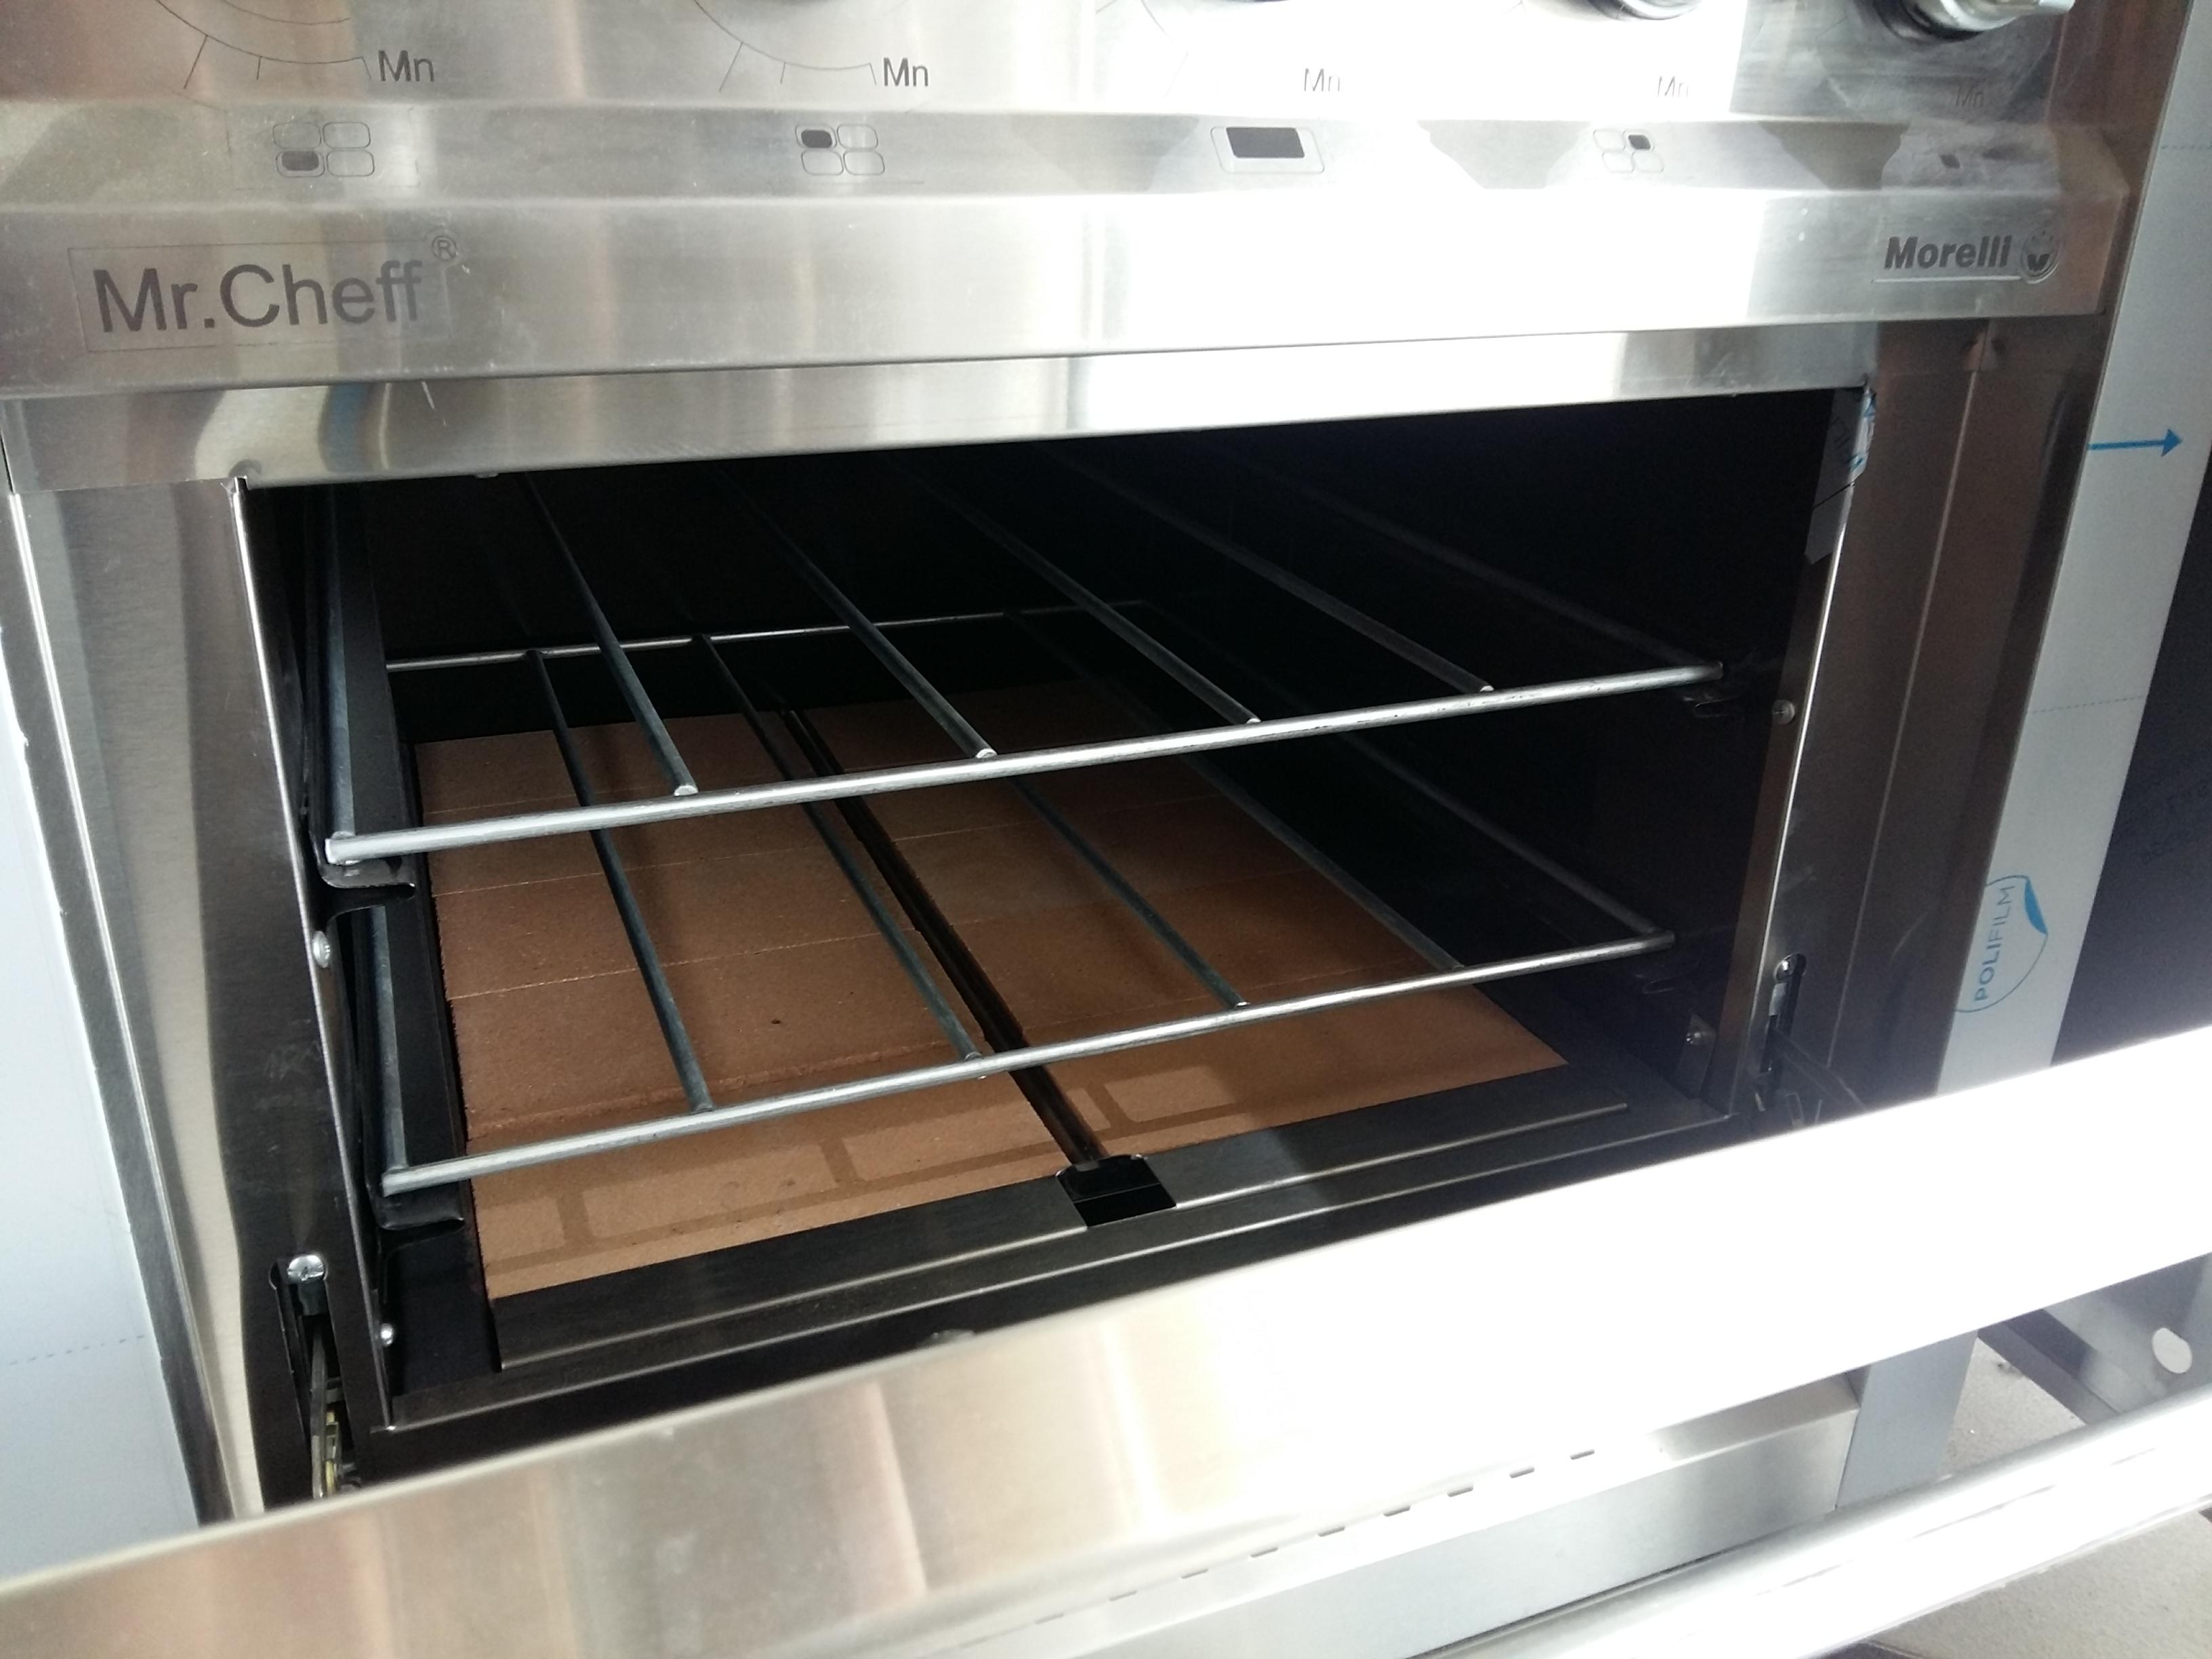 Morelli Mr Chef puerta acero cocina industrial para trabajar 75 centimetros colegios